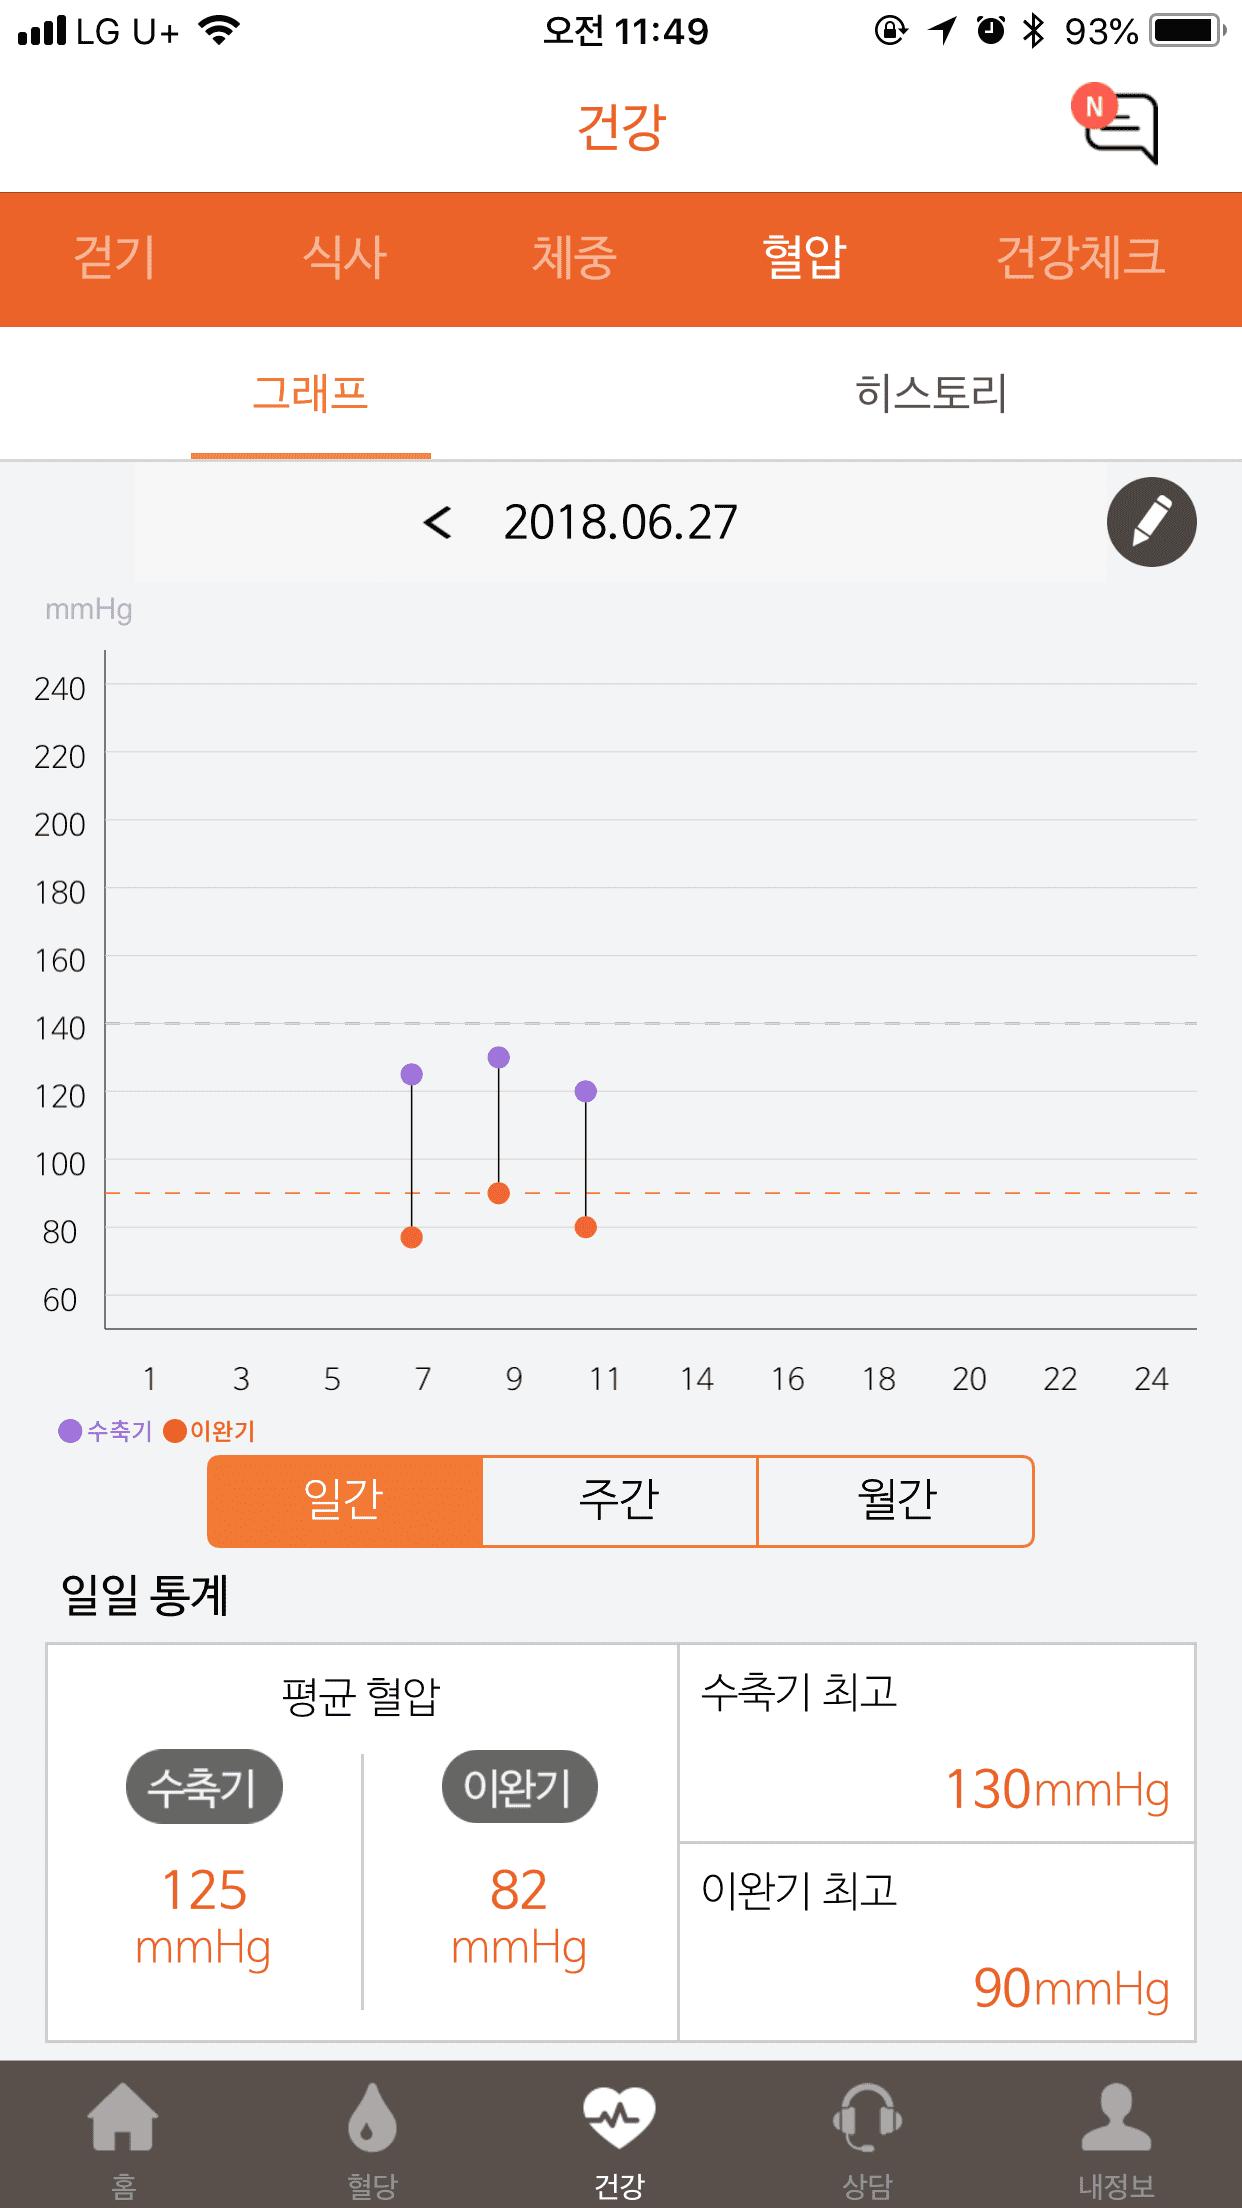 당뇨케어 혈압수치 차트